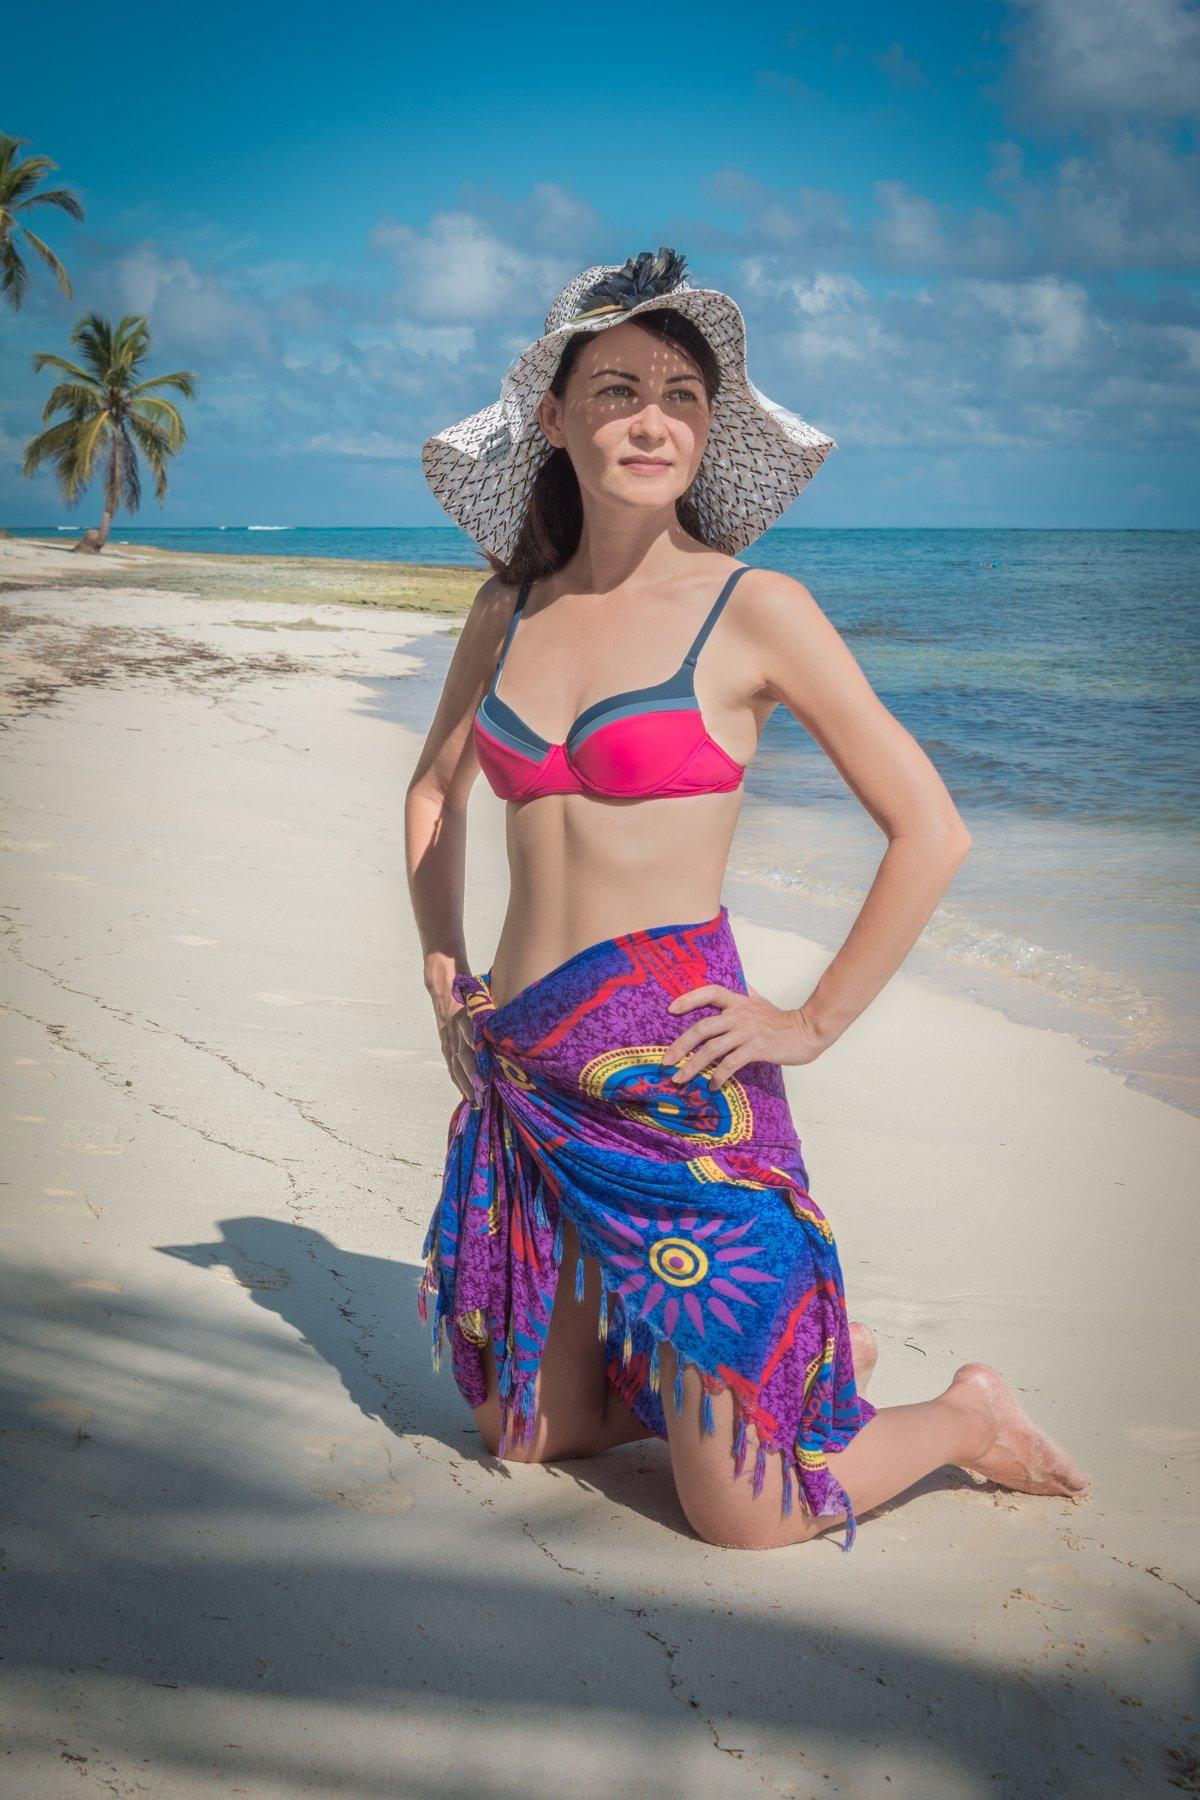 модель, девушка, пляж, океан, море, пальмы, Атлантика, Доминиканская Республика, лето, небо, облака, Sergey Oslopov